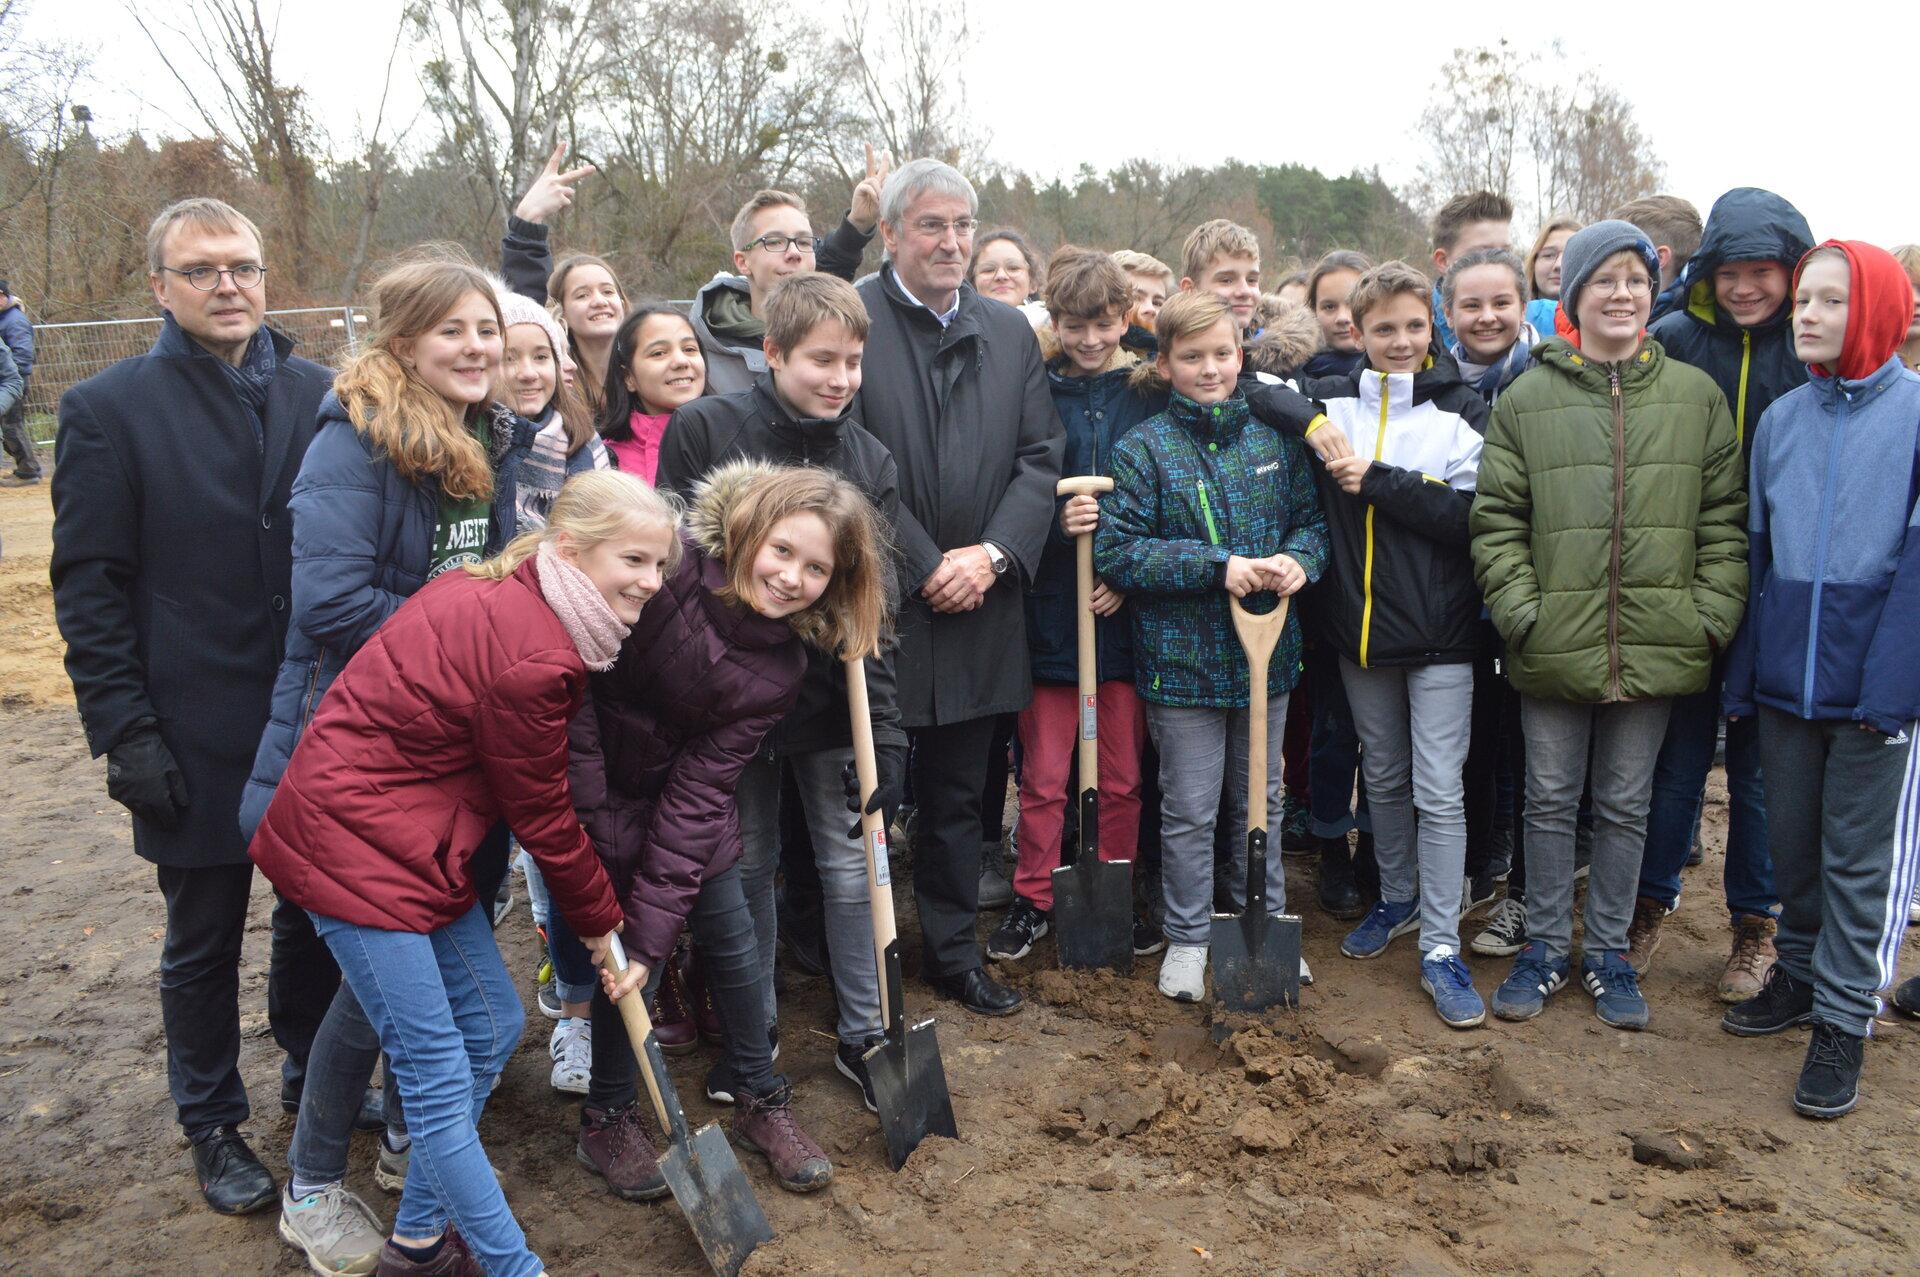 November 2018: Symbolischer Spatenstich mit den Schülerinnen und Schülern des Lise-Meitner-Gymnasiums (Stadtarchiv).